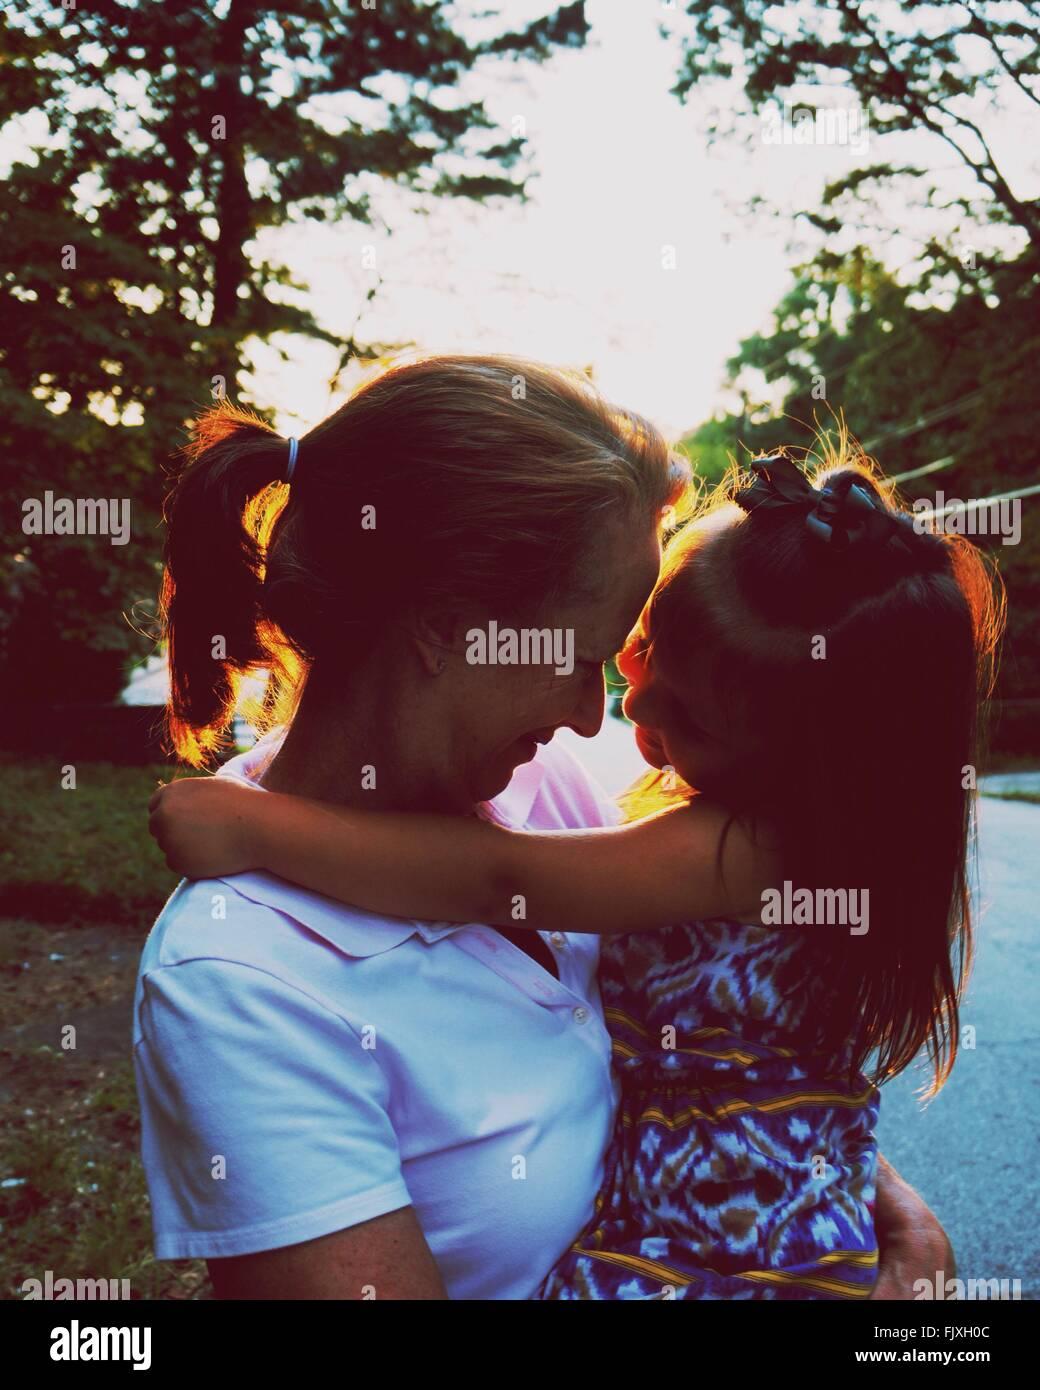 In primo piano della figlia abbracciando la madre Immagini Stock